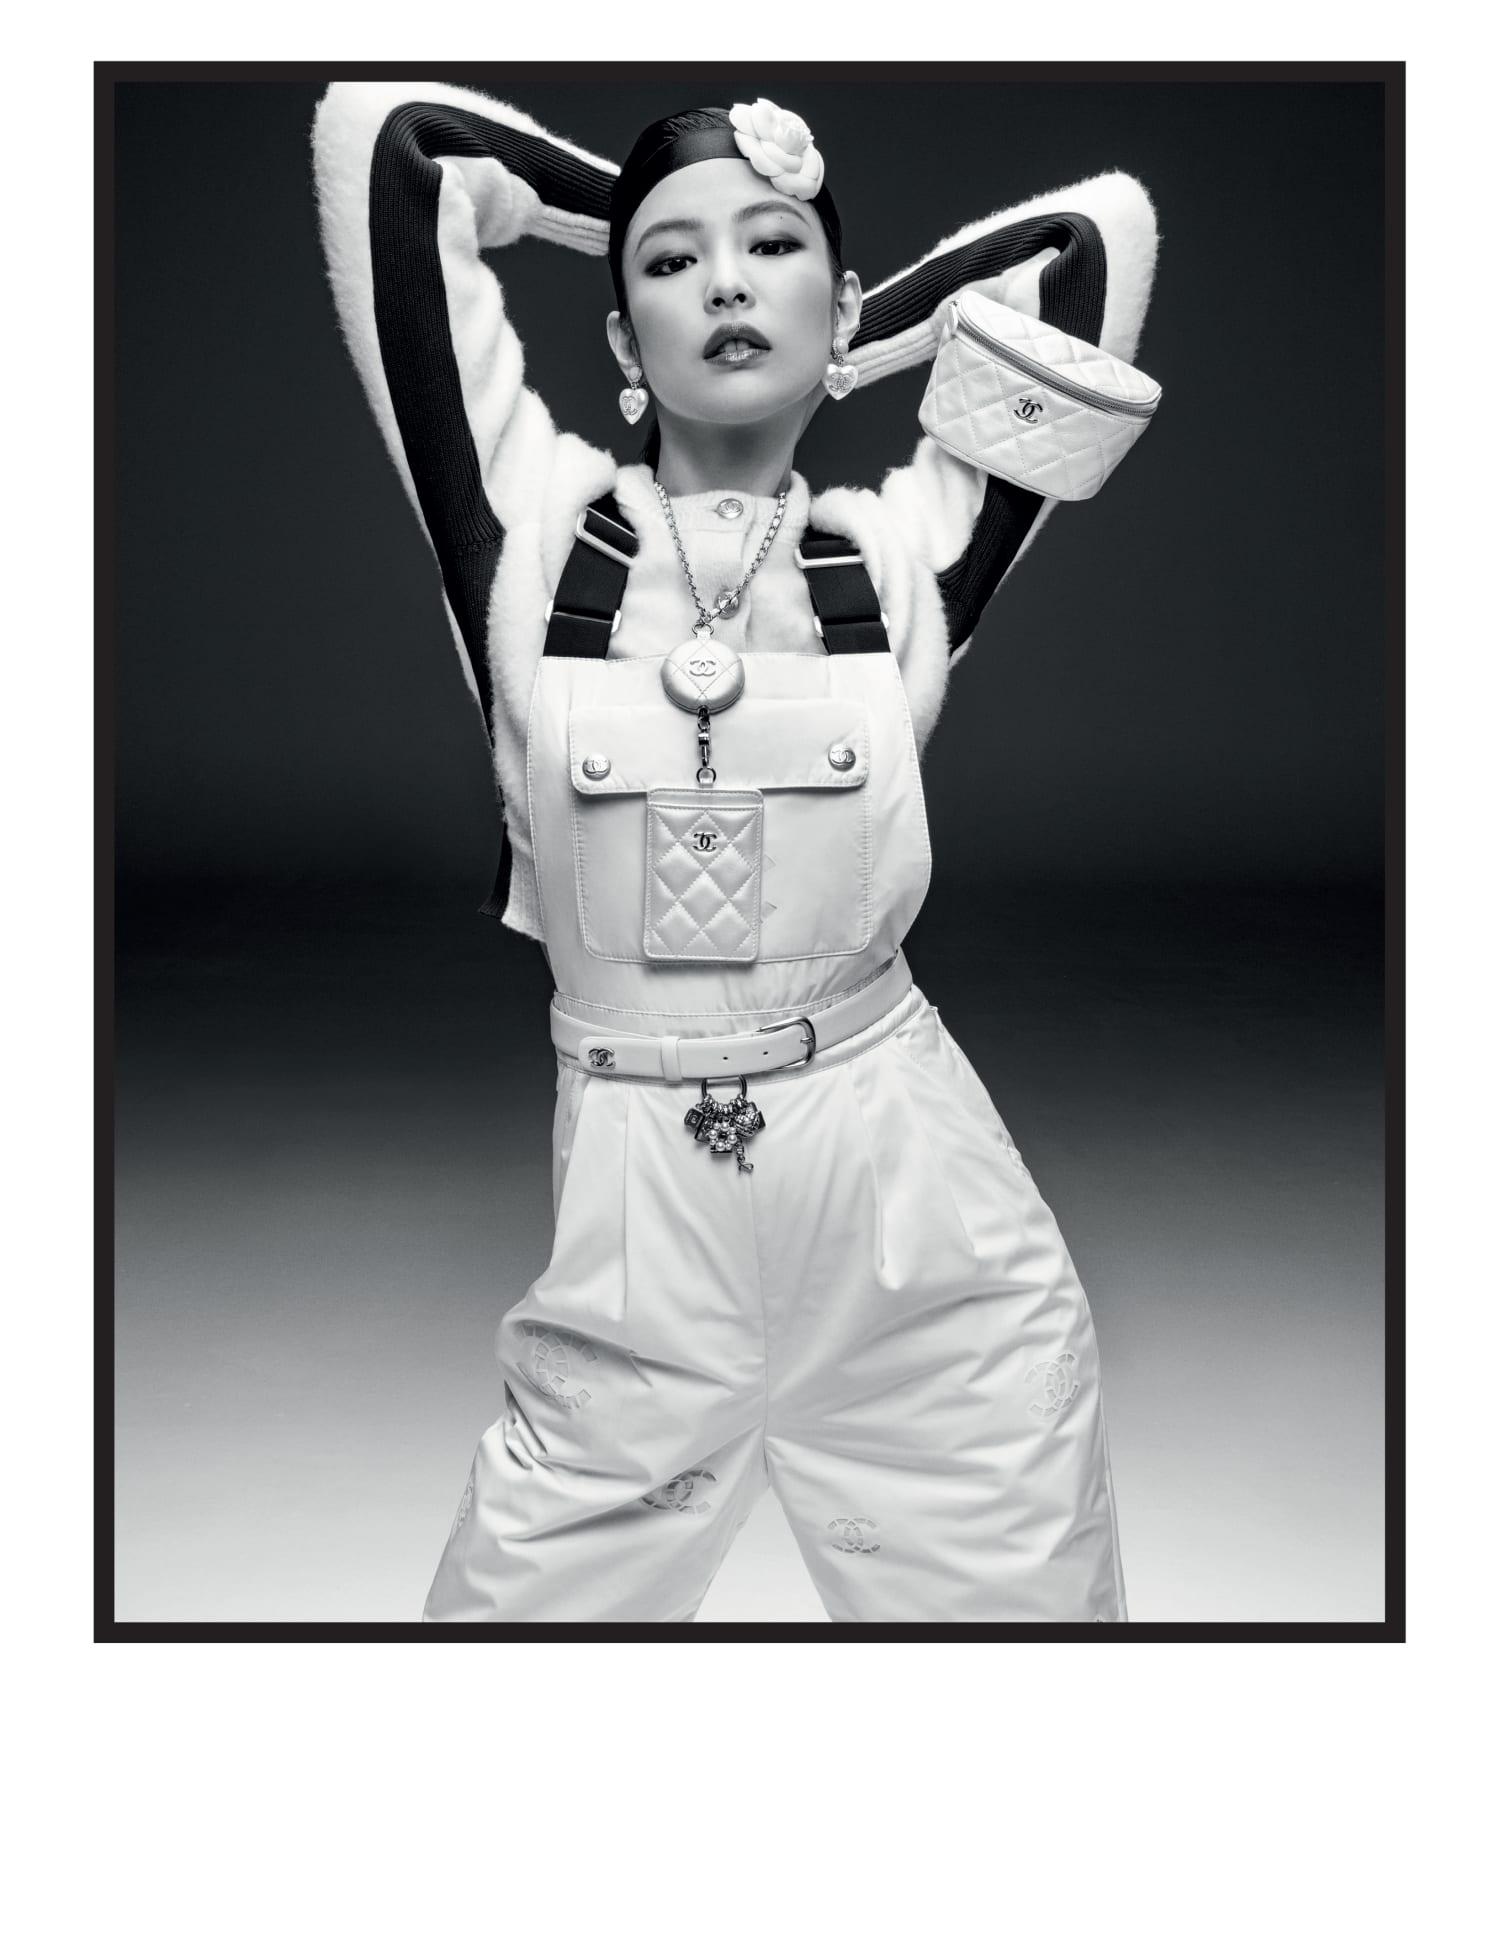 Исполнительница K-pop группы стала новым лицом рекламной кампании Chanel-Фото 2